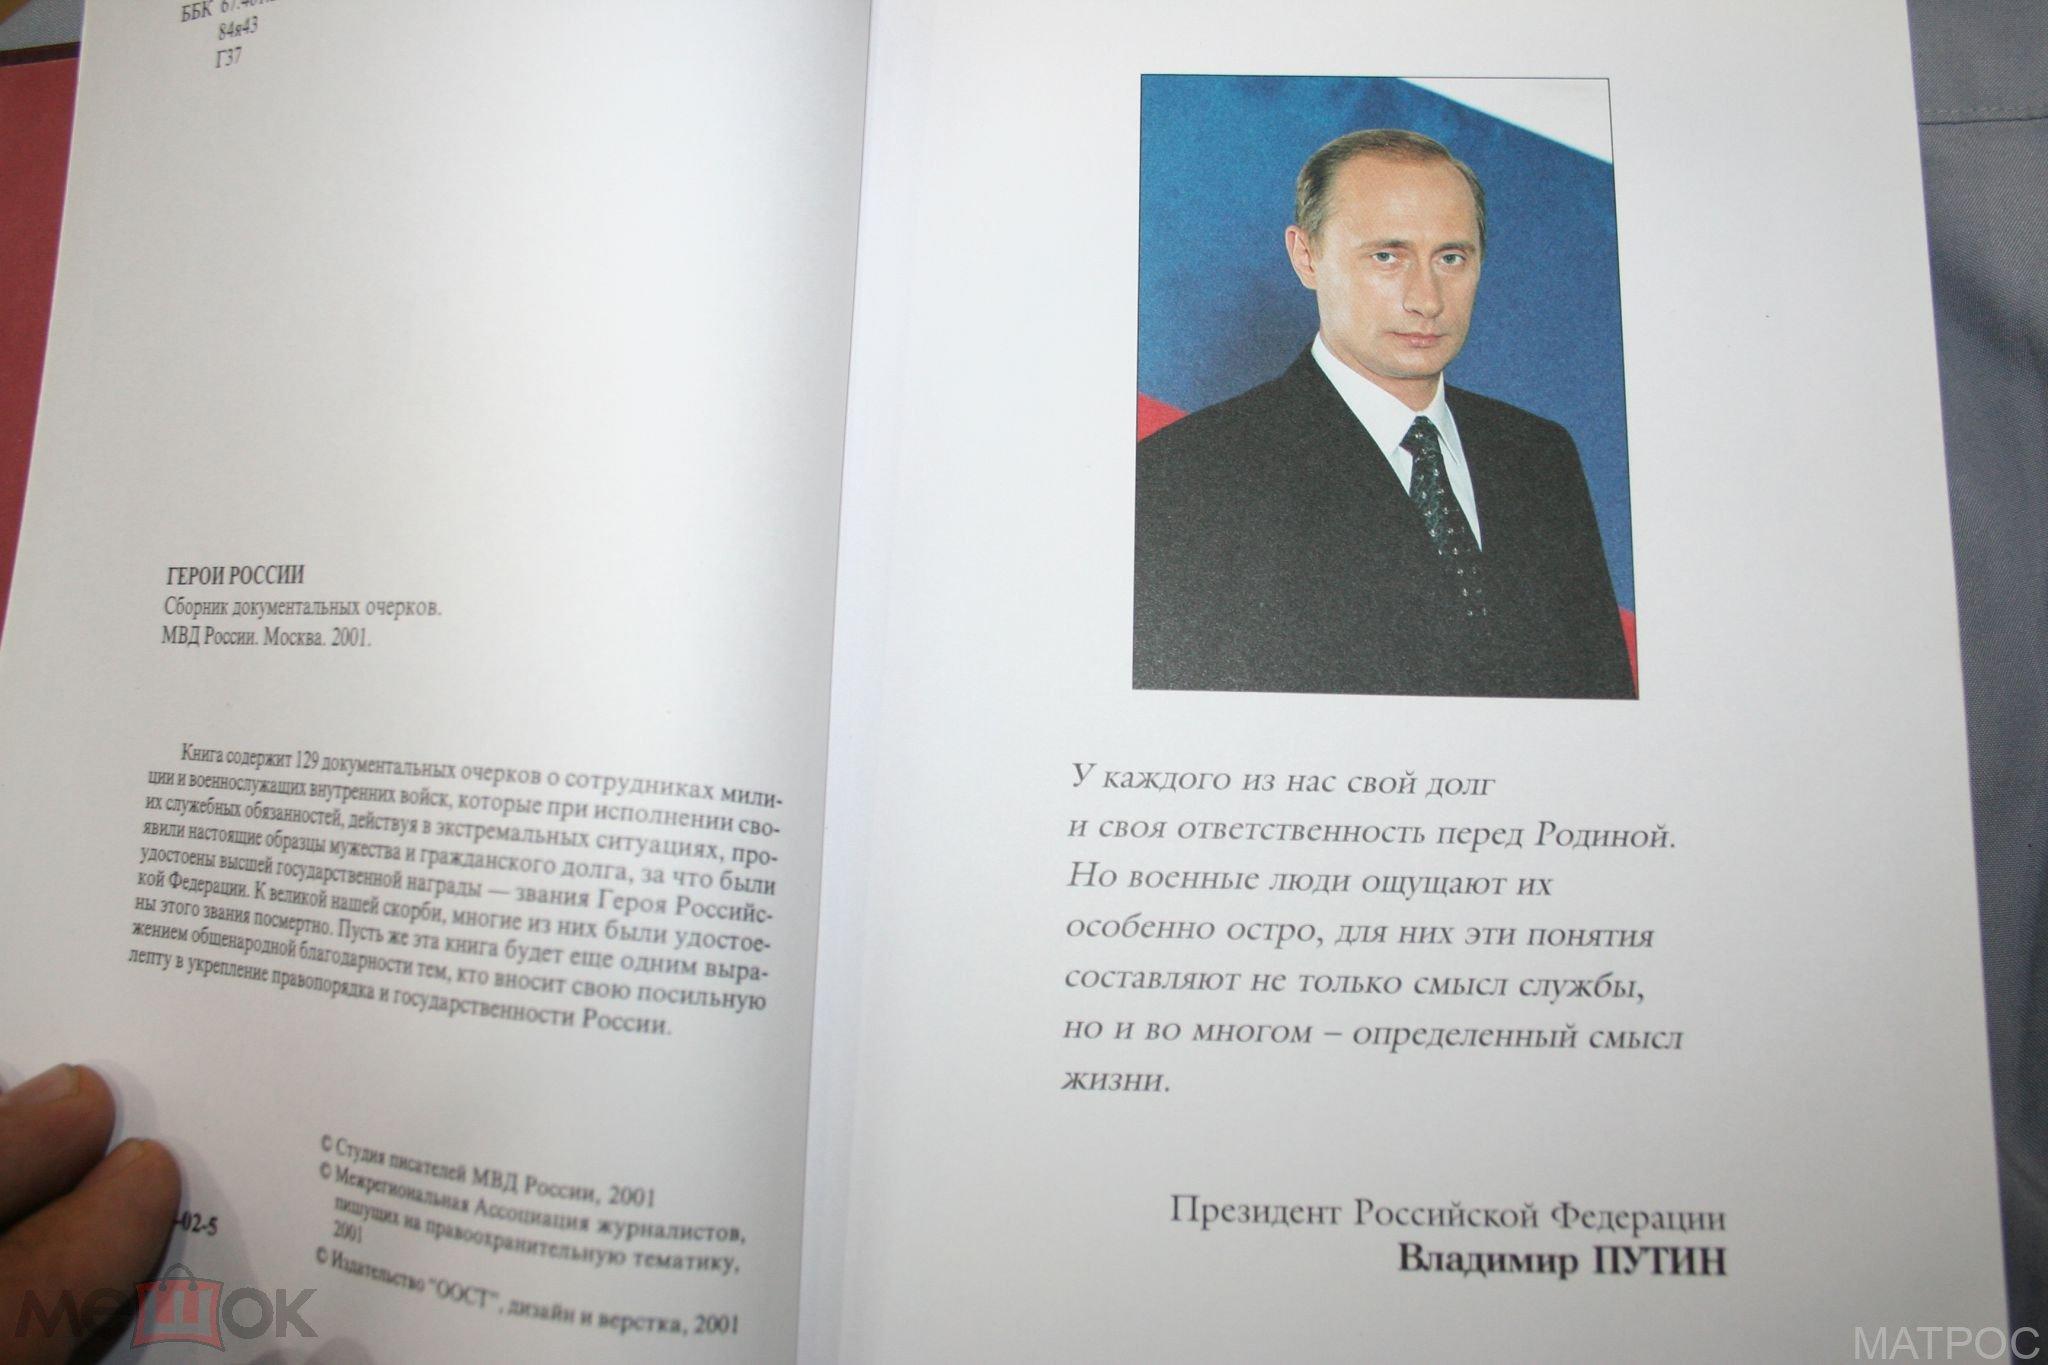 Книга ГЕРОИ РОССИИ, 2001 год.